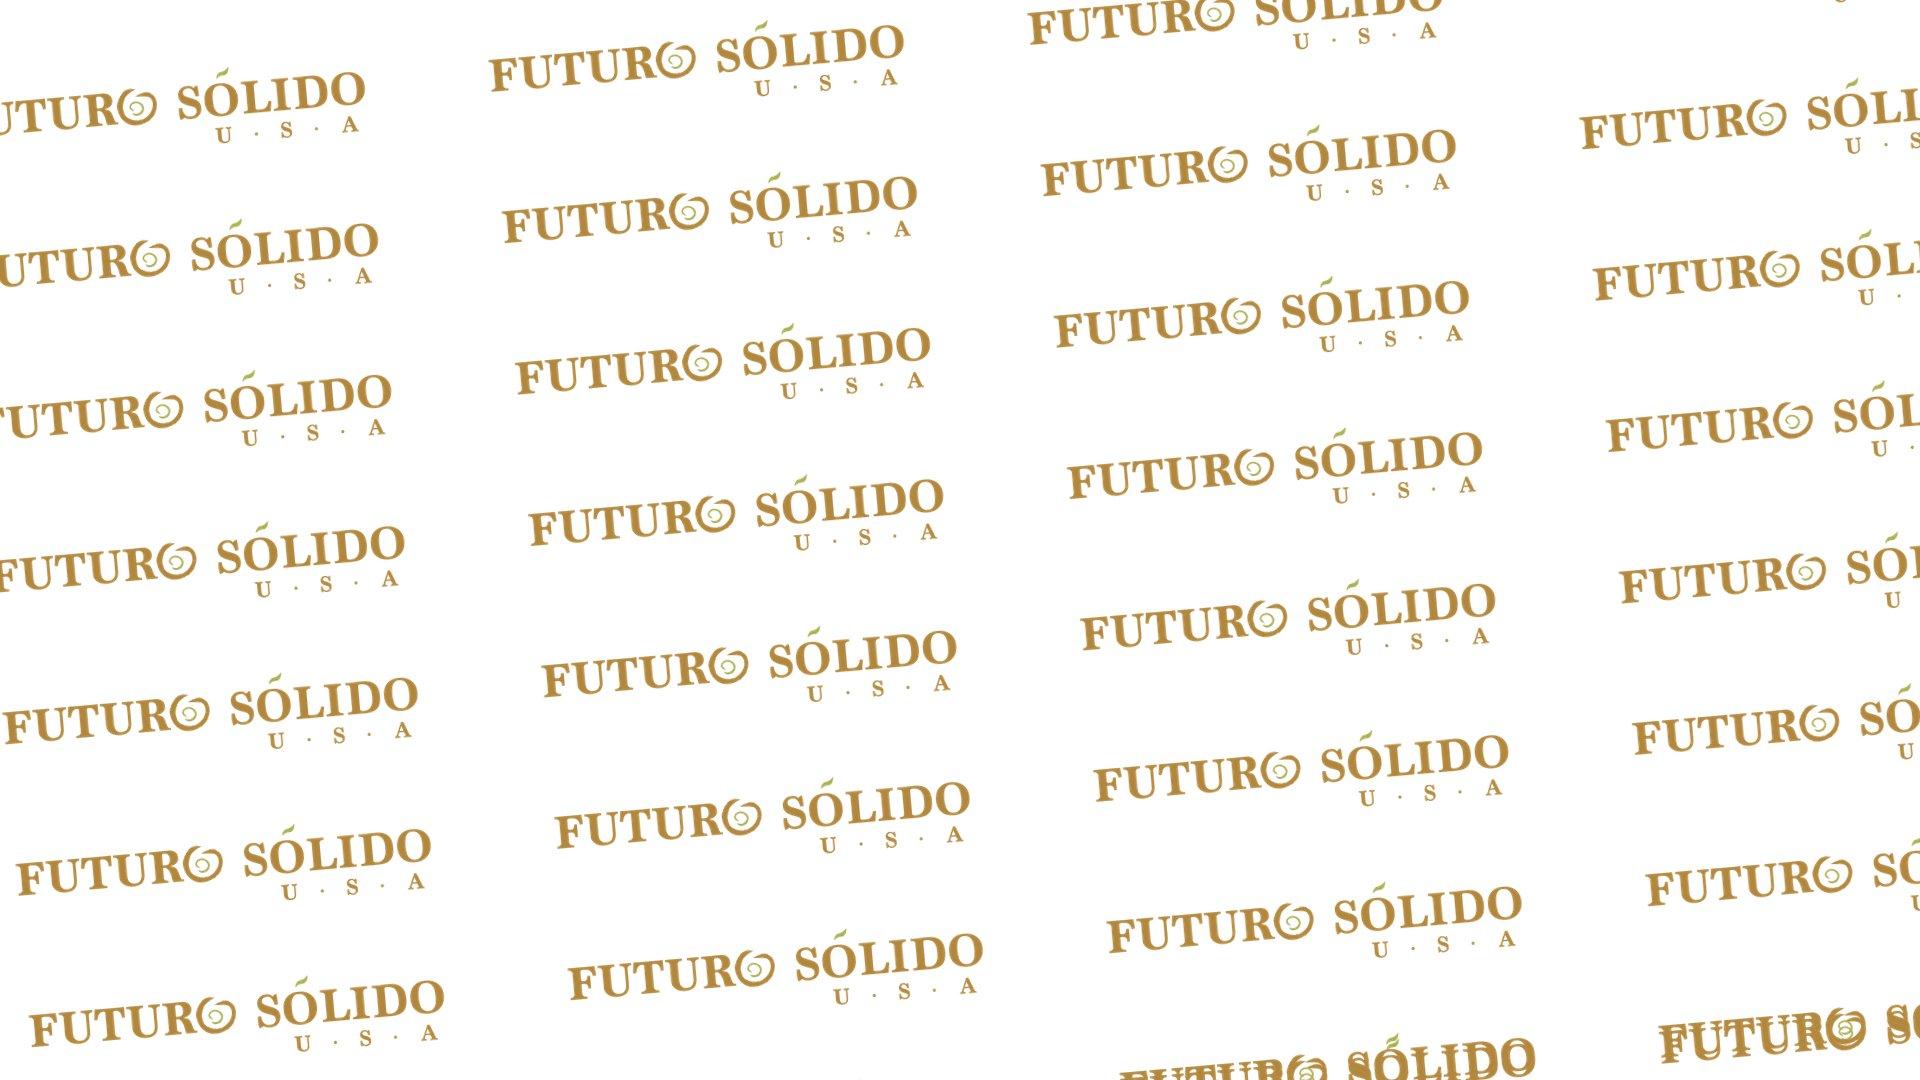 futuro solido partner banner